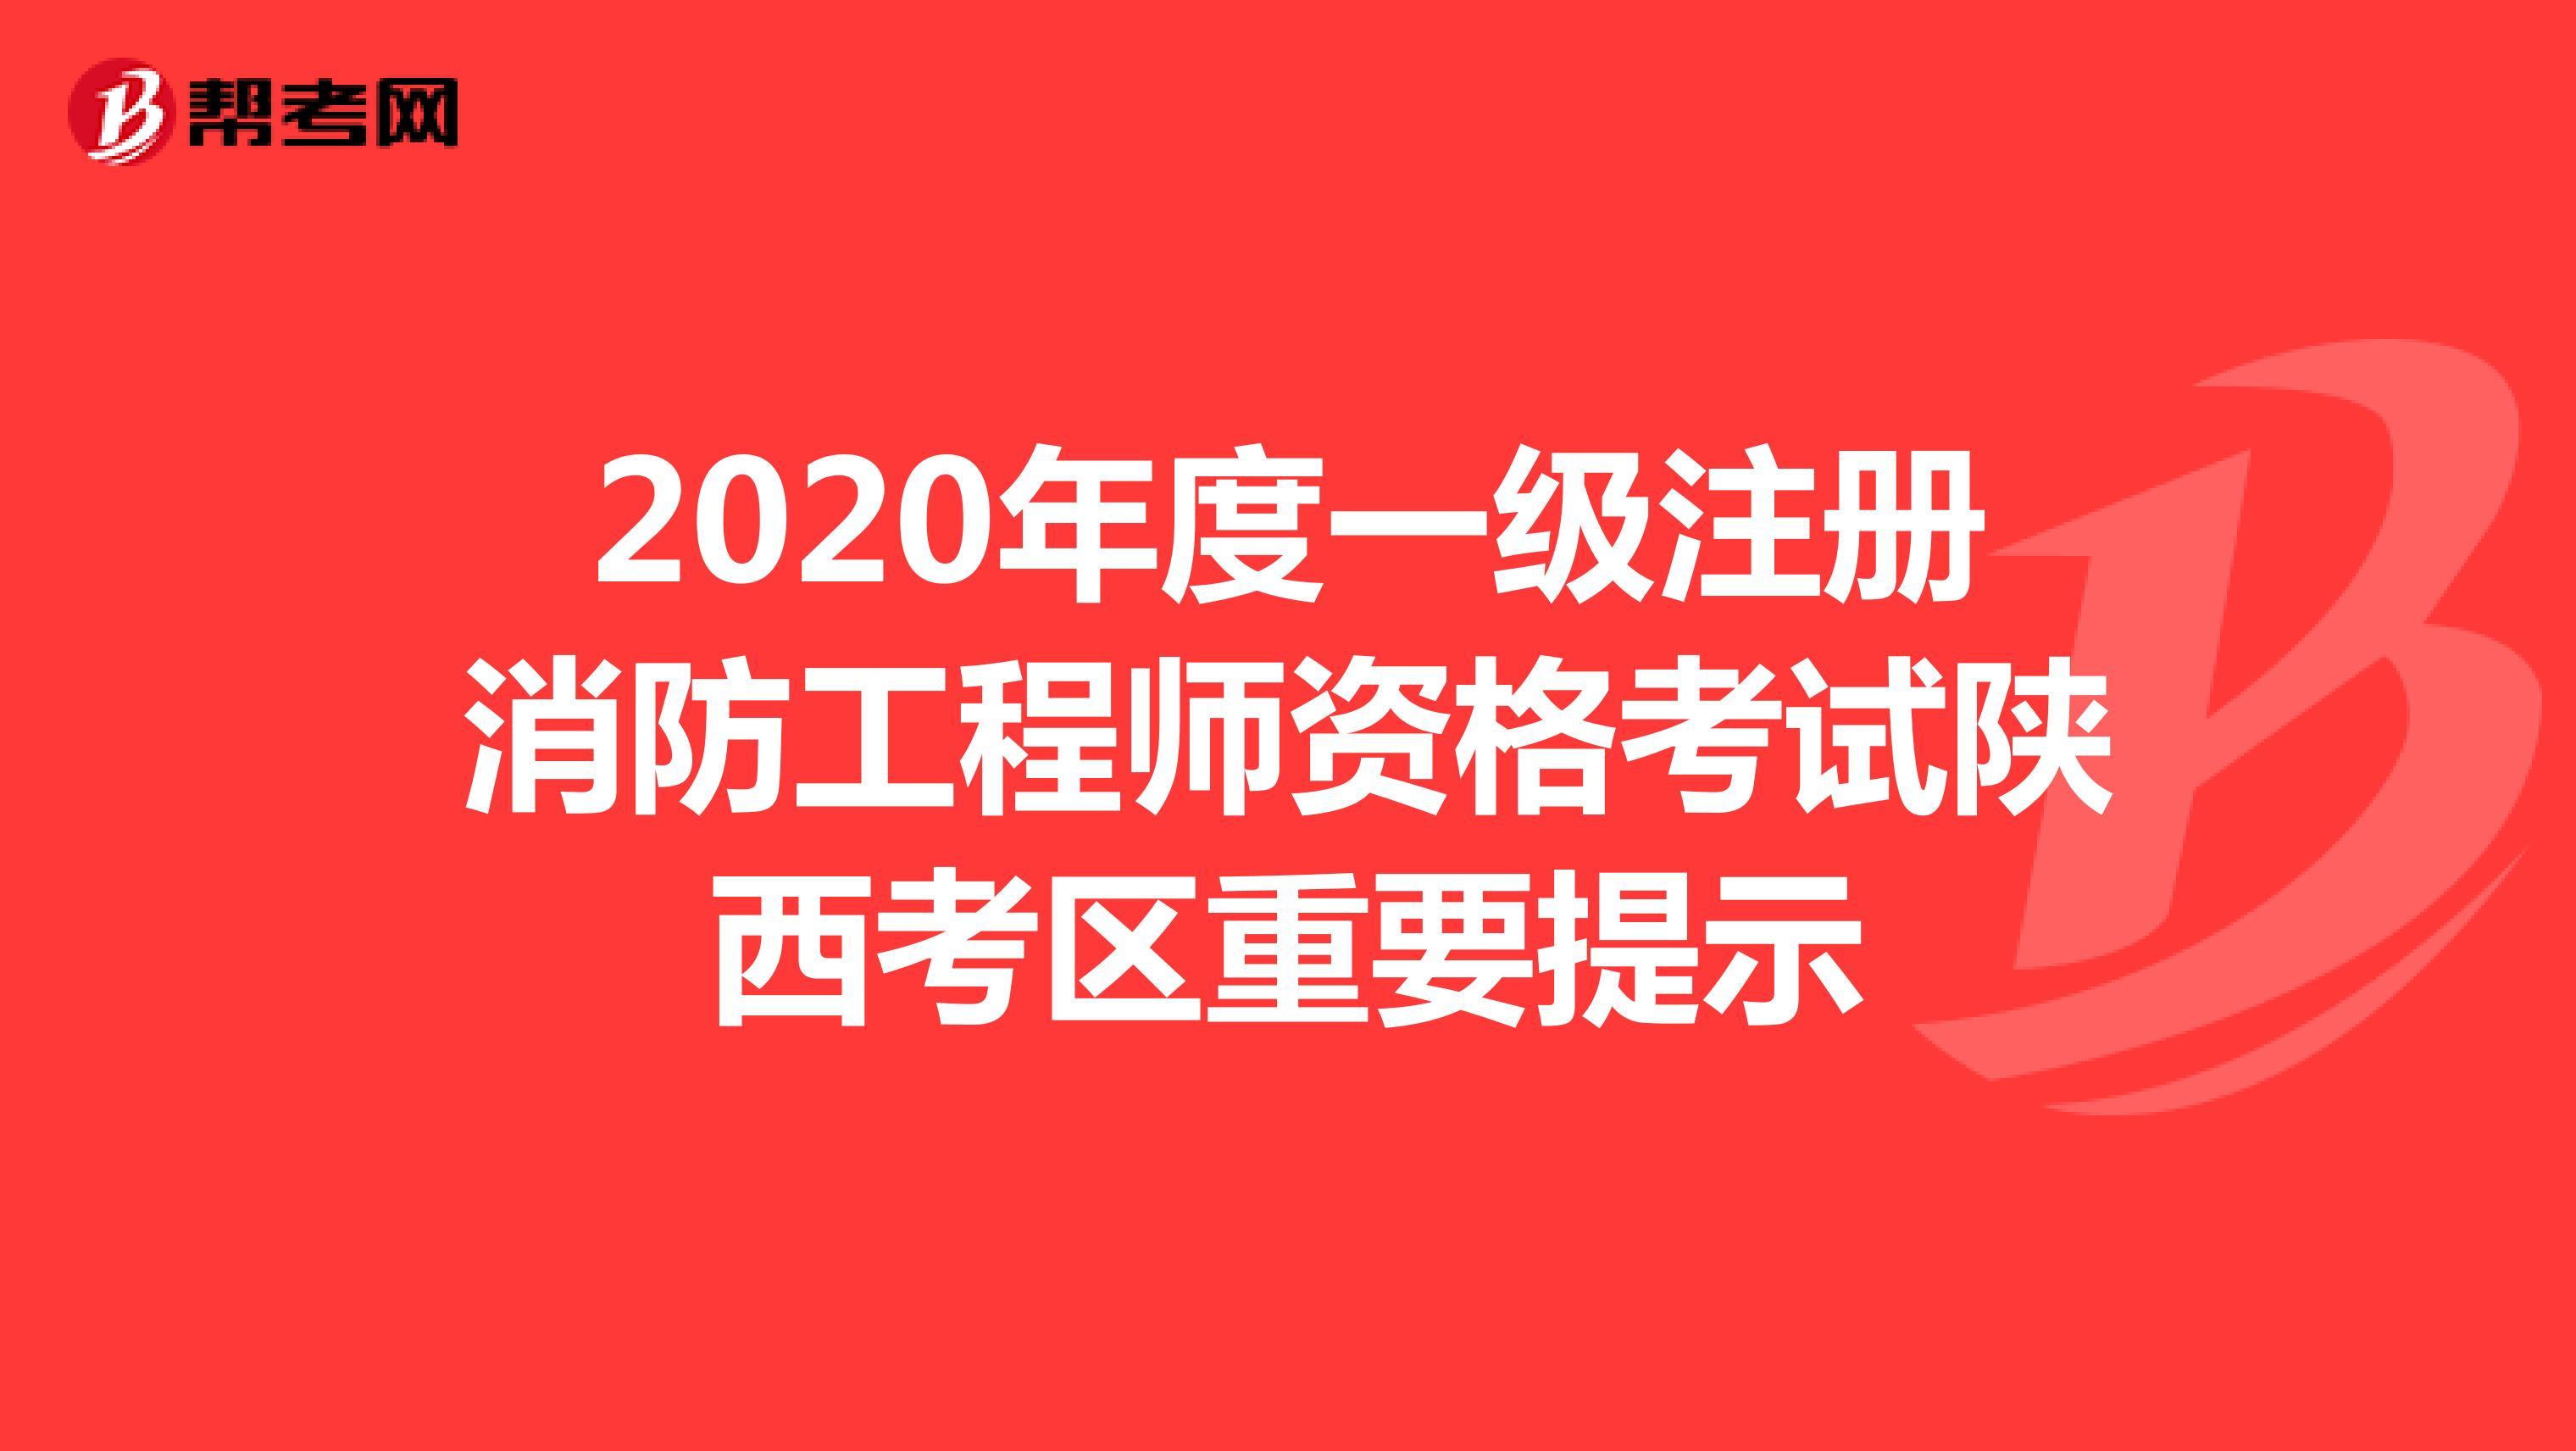 2020年度一级注册消防工程师资格考试陕西考区重要提示